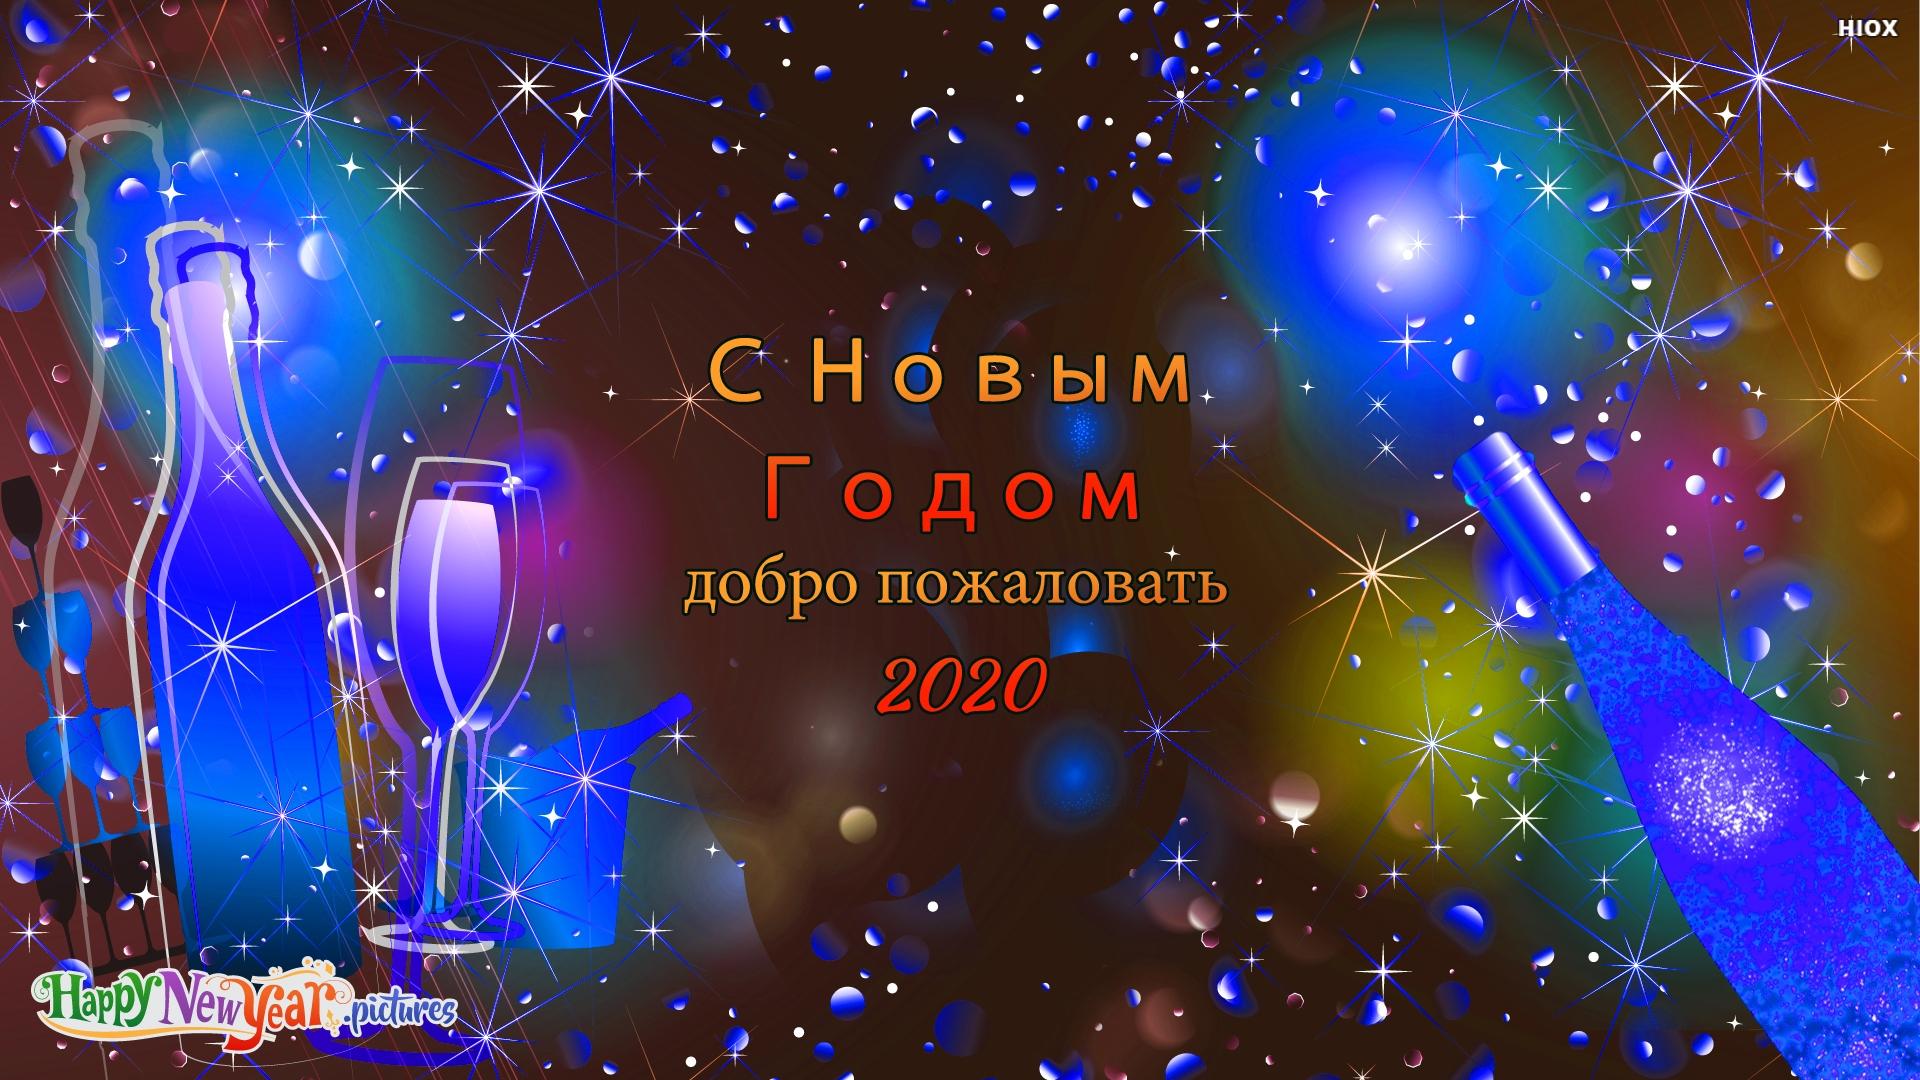 С Новым Годом Добро Пожаловать 2020